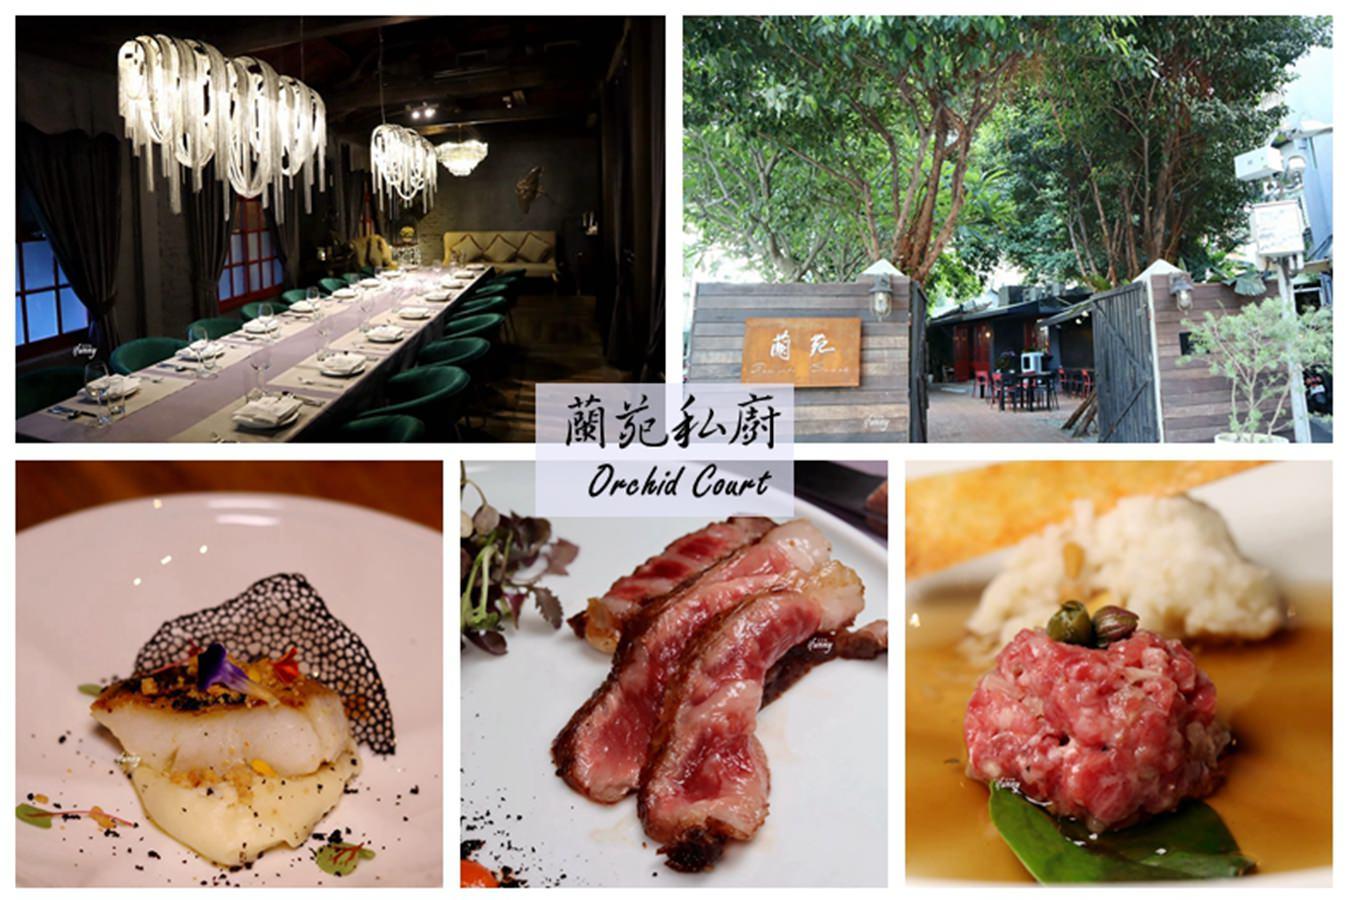 [中正紀念堂]蘭苑私廚Orchid Court~百年日式老宅化身浪漫的私廚料理/預約制